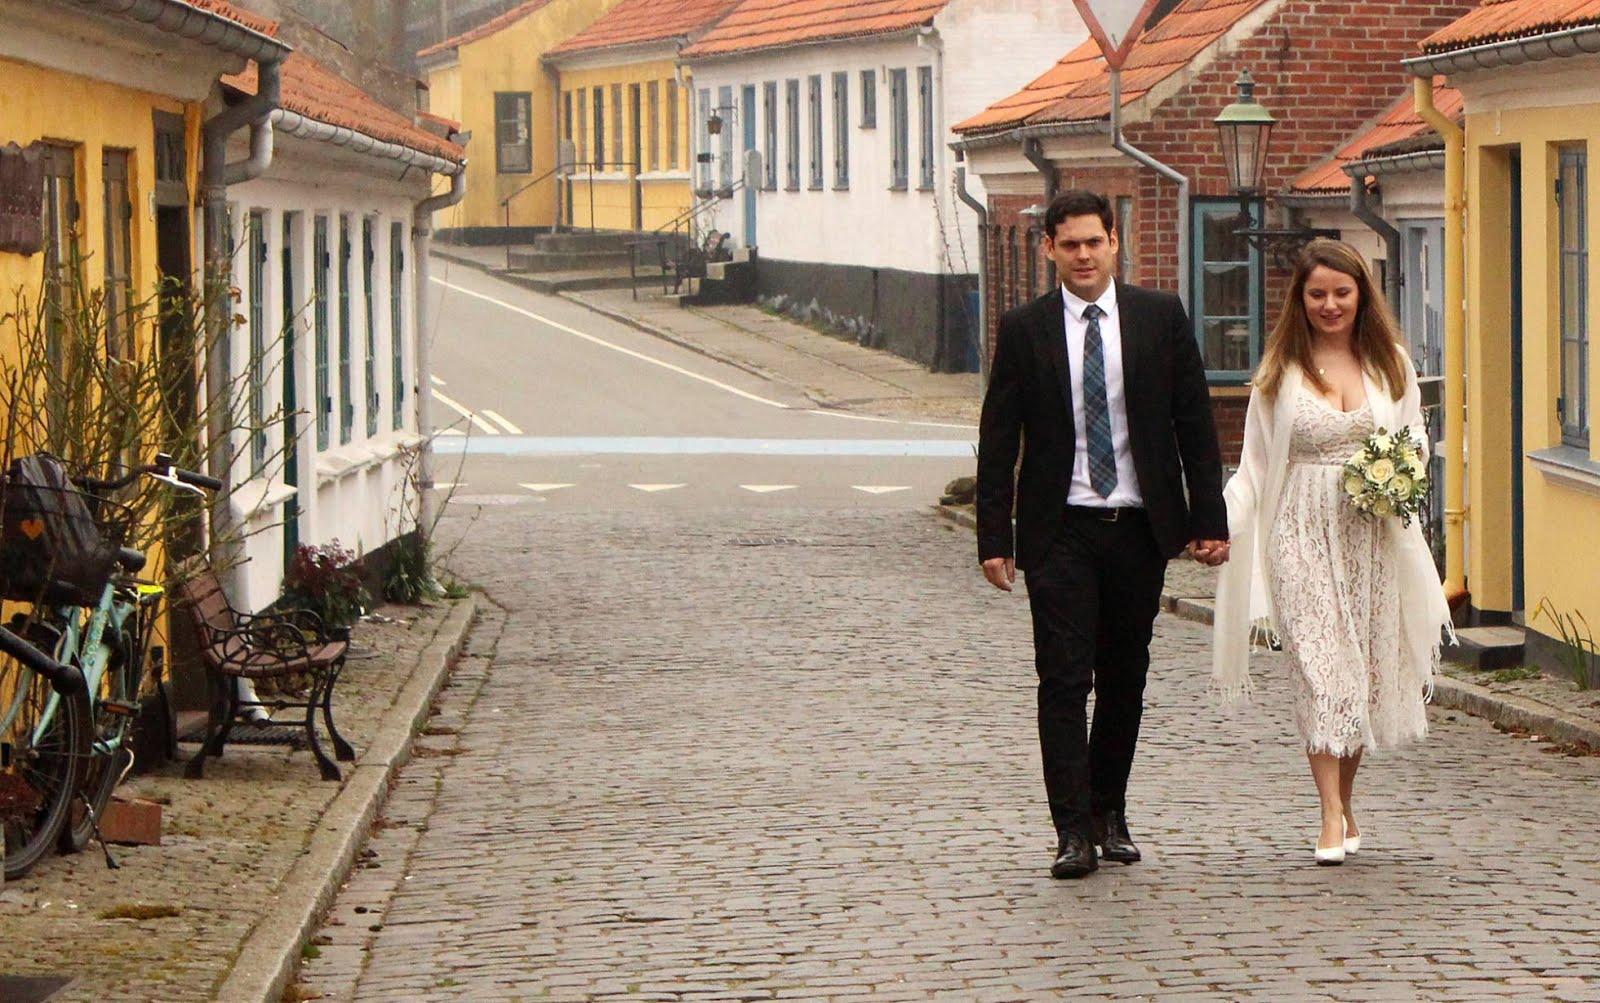 El paraíso europeo de las bodas entre extranjeros peligra